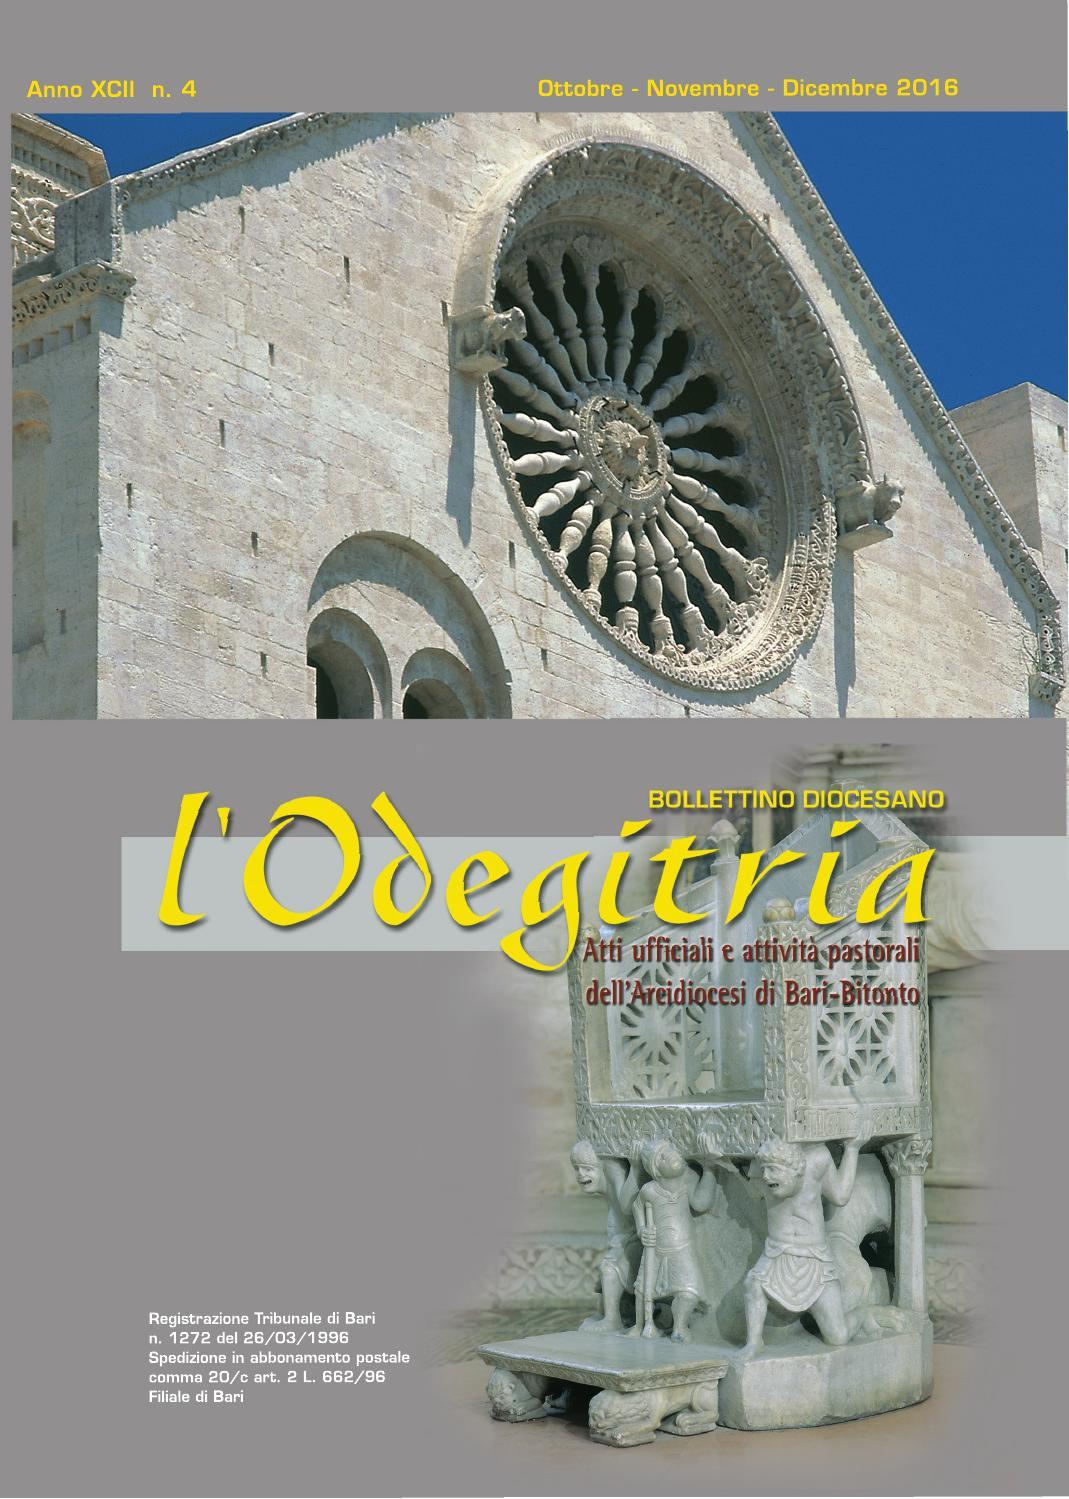 Bollettino Diocesano Ottobre-Dicembre 2016 by Ufficio Comunicazioni Sociali  Bari - issuu a0e1cb5d652